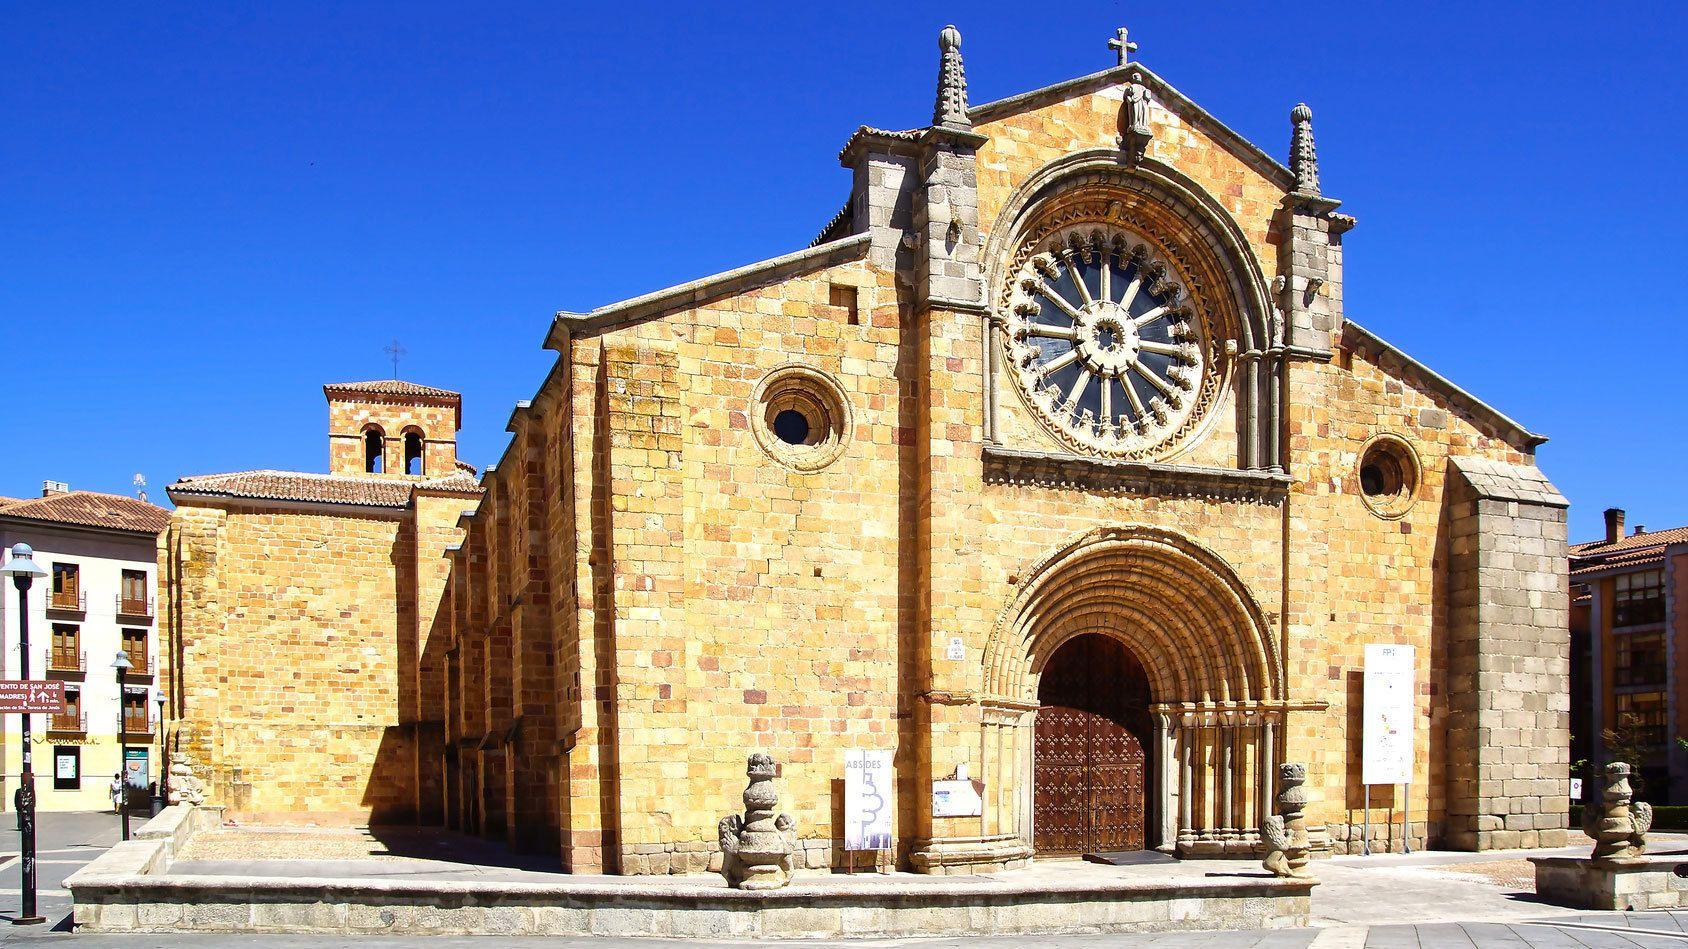 Cathedral in Avila